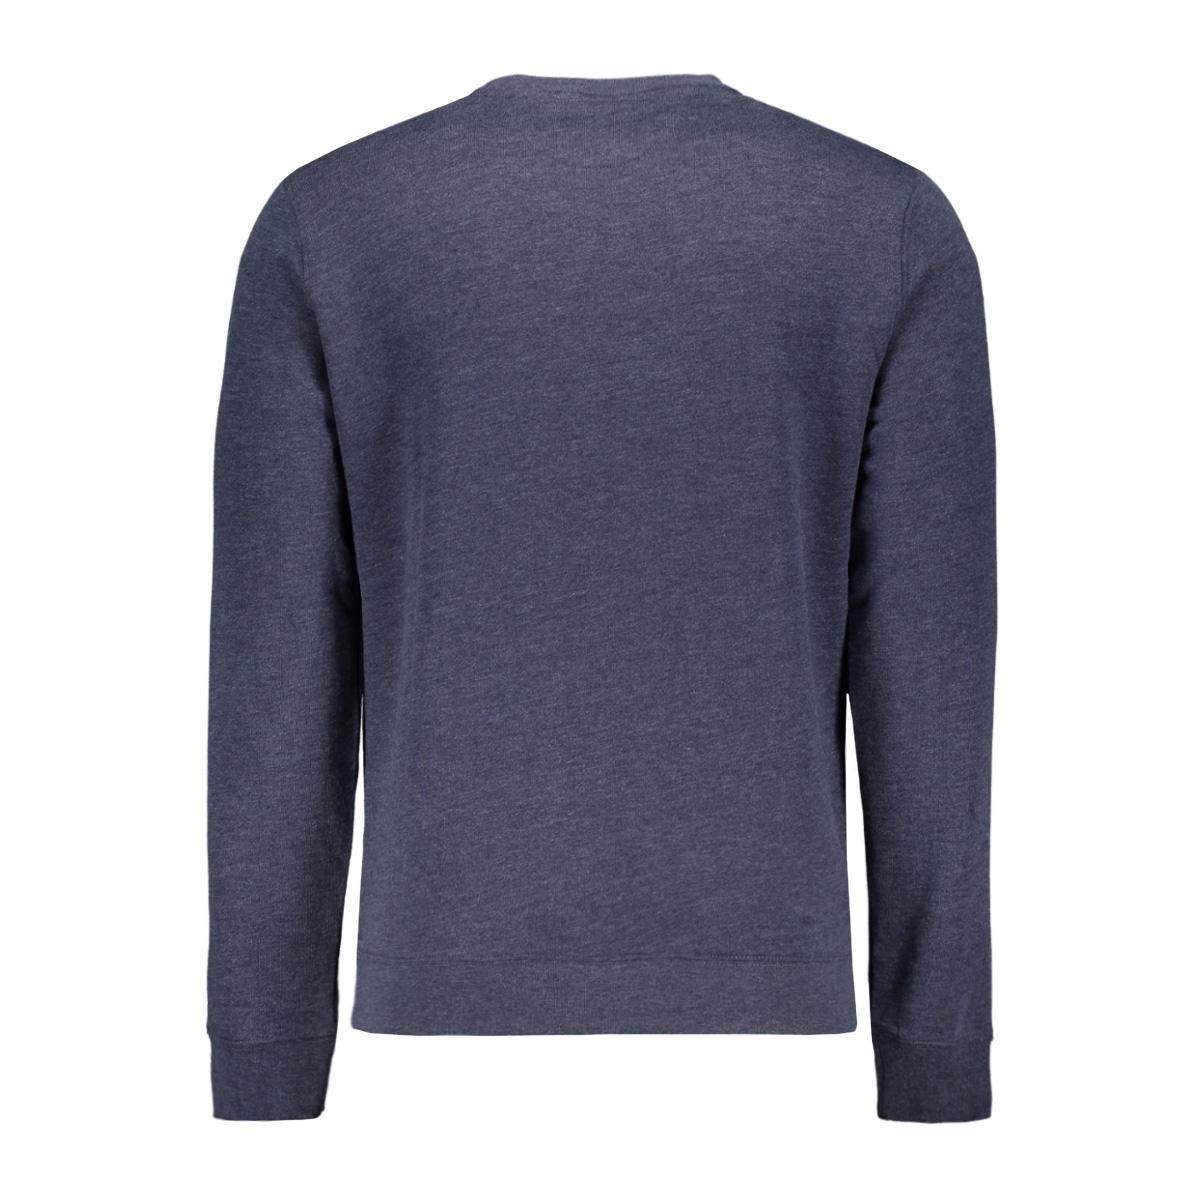 waharoa 20an310 nza sweater 267 new navy